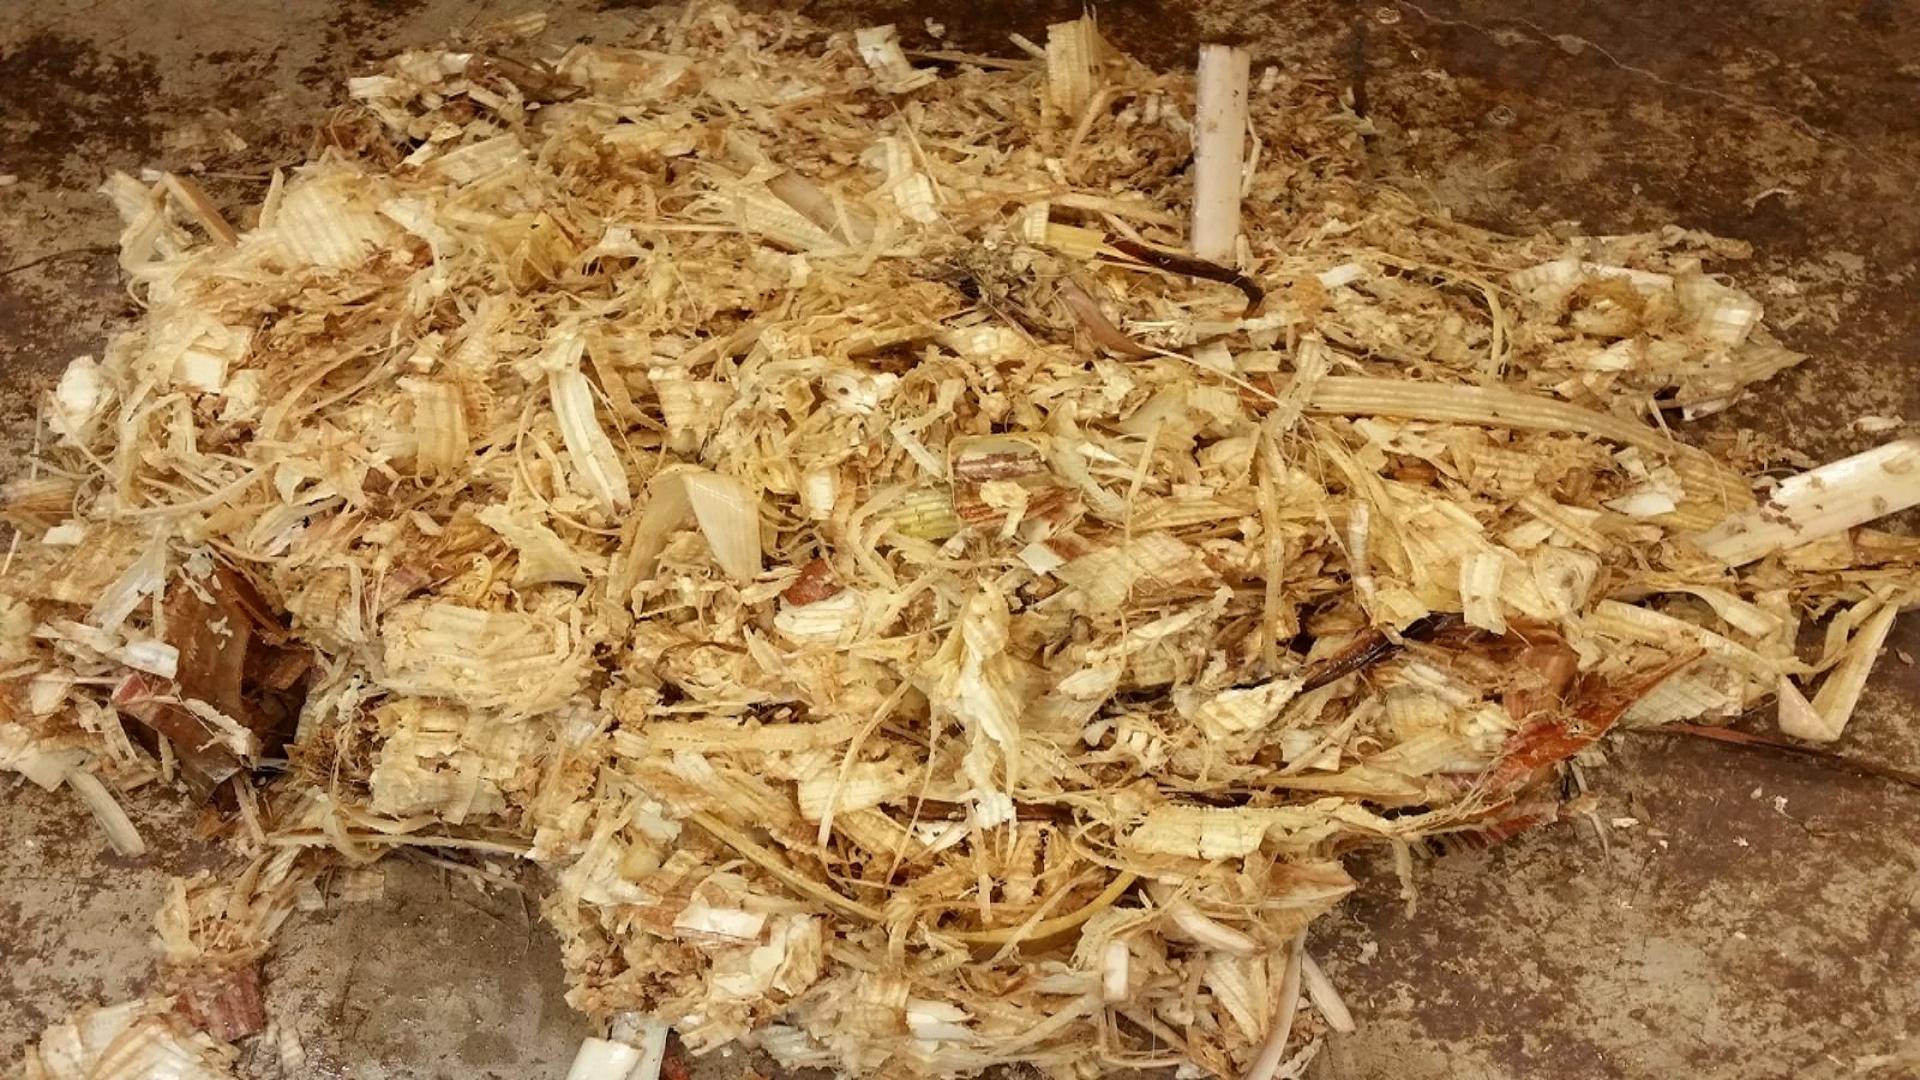 Pulpa obtenida en el proceso de extracción de fibra (Pulp obtained in the fibre extraction process)